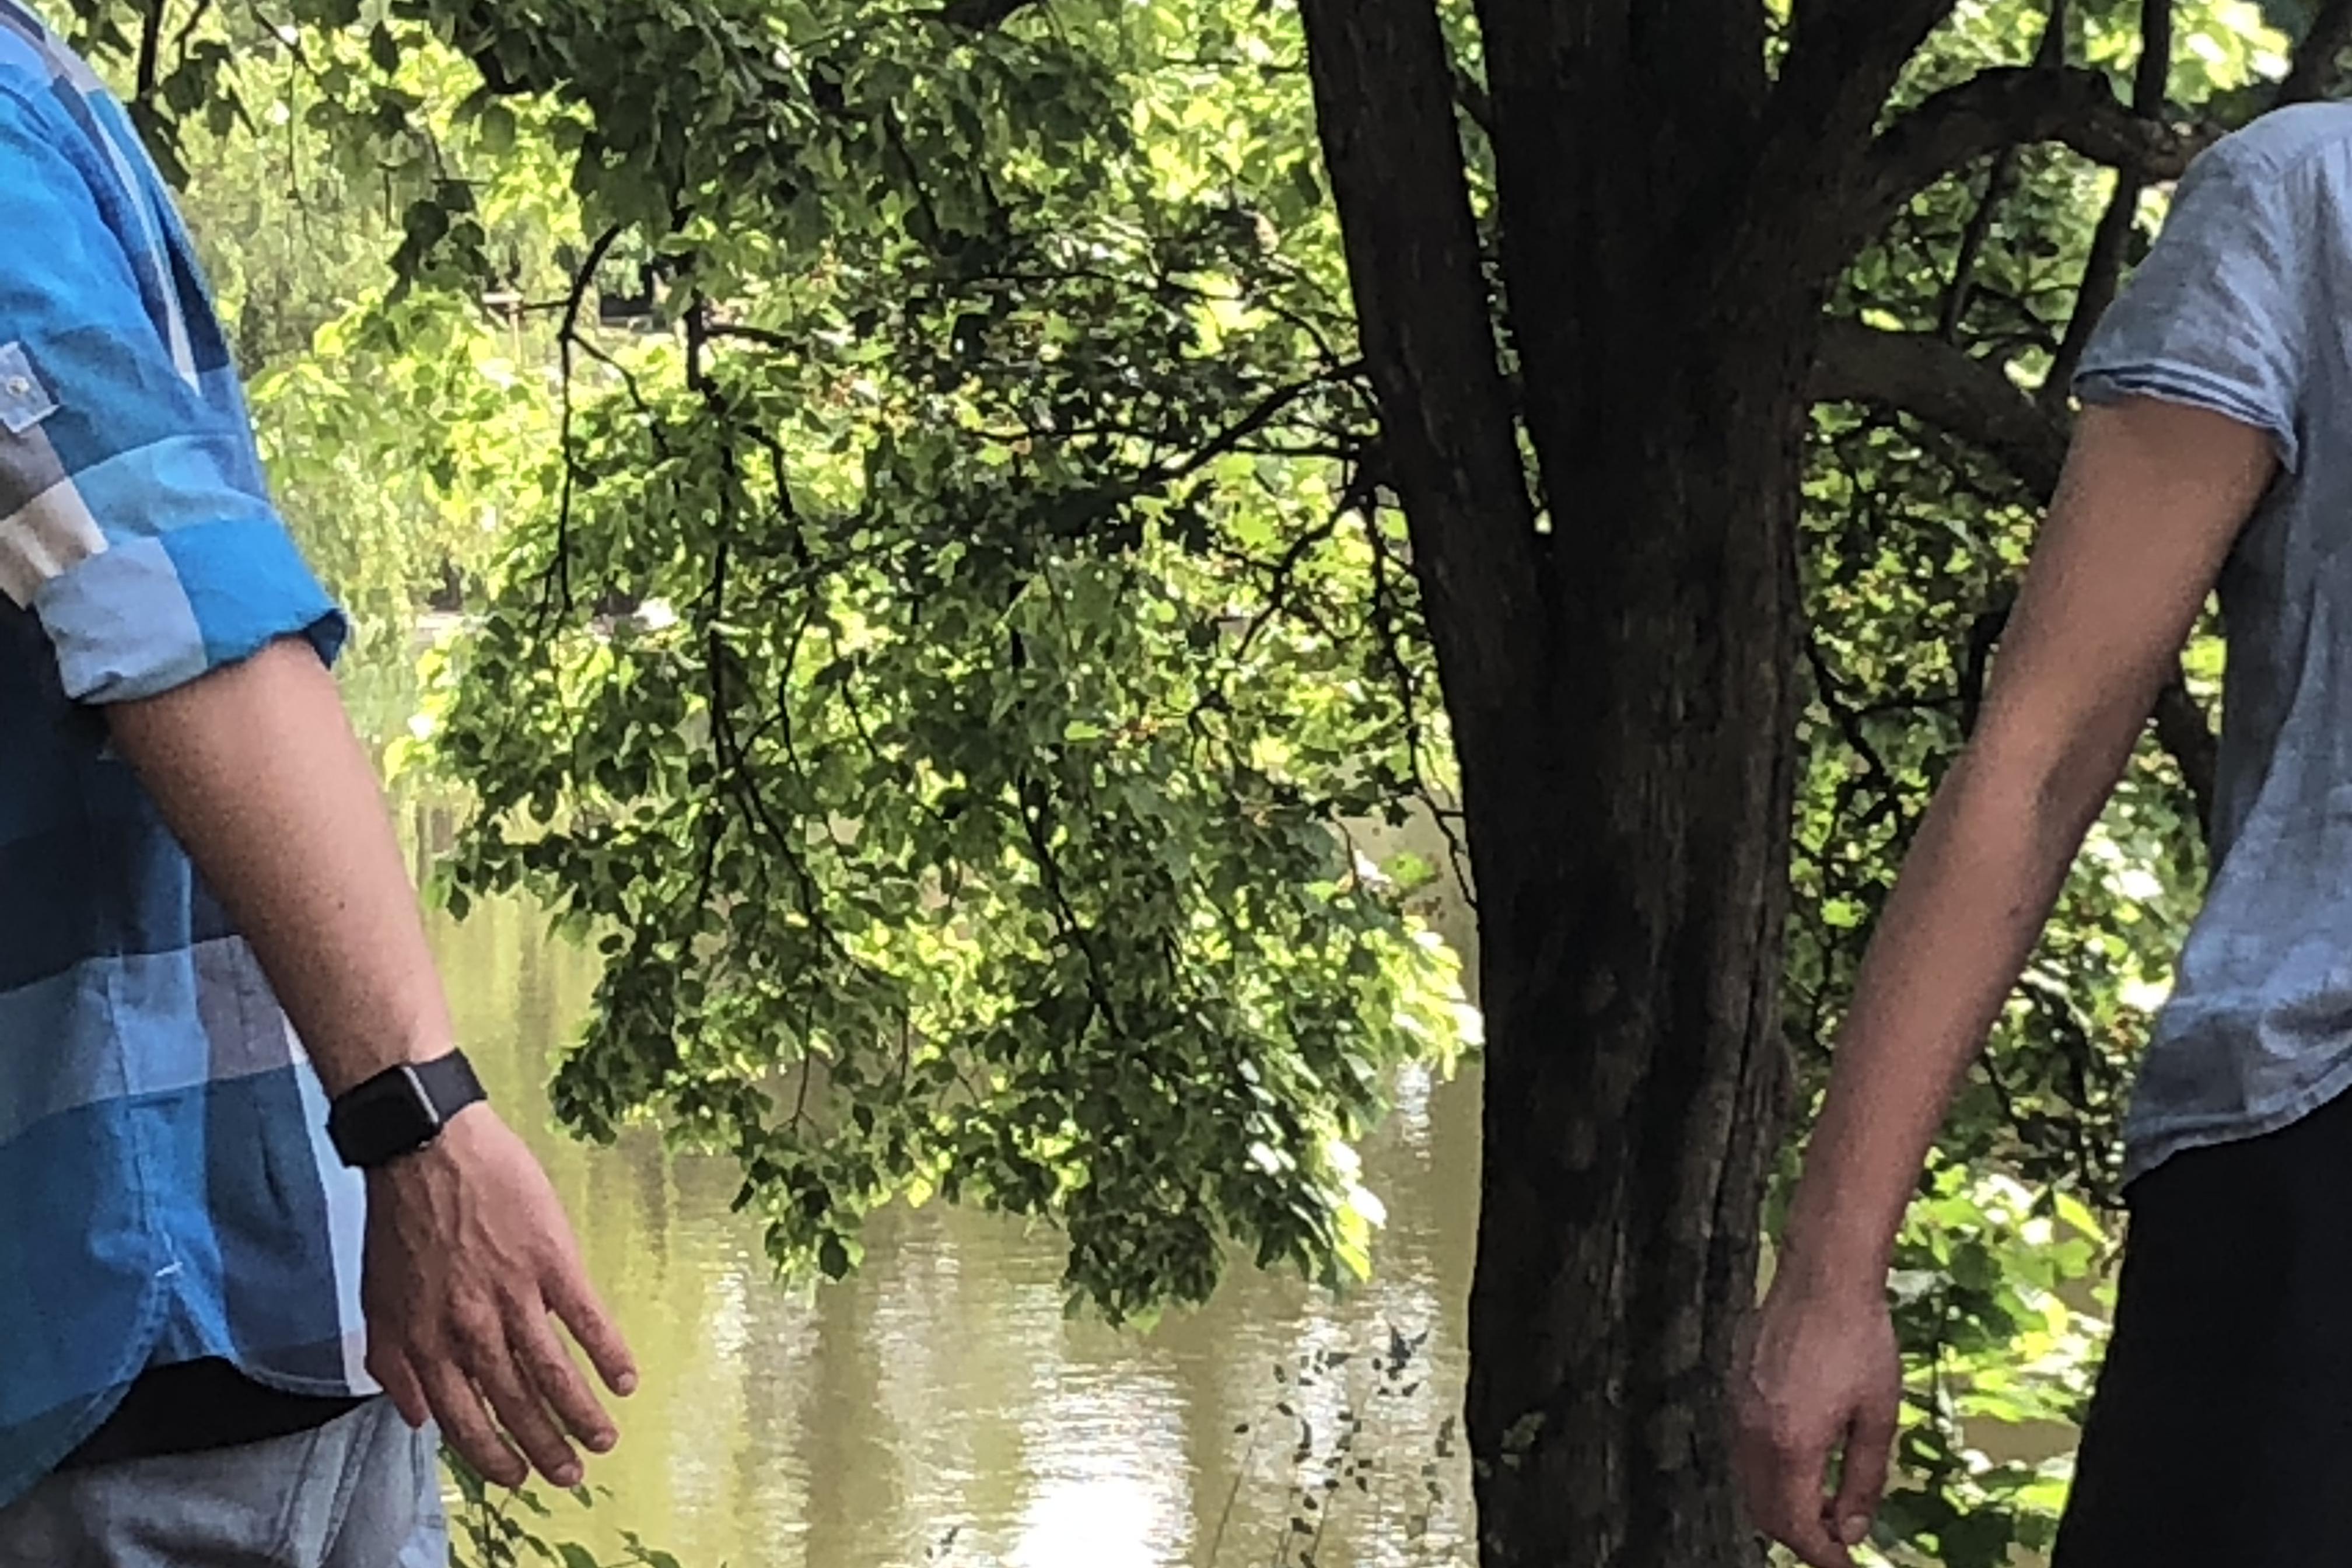 Zwei Personen draußen vor grünem Baum und See, nur zur Hälfte zu sehen, bewegen sich aus dem Bild.